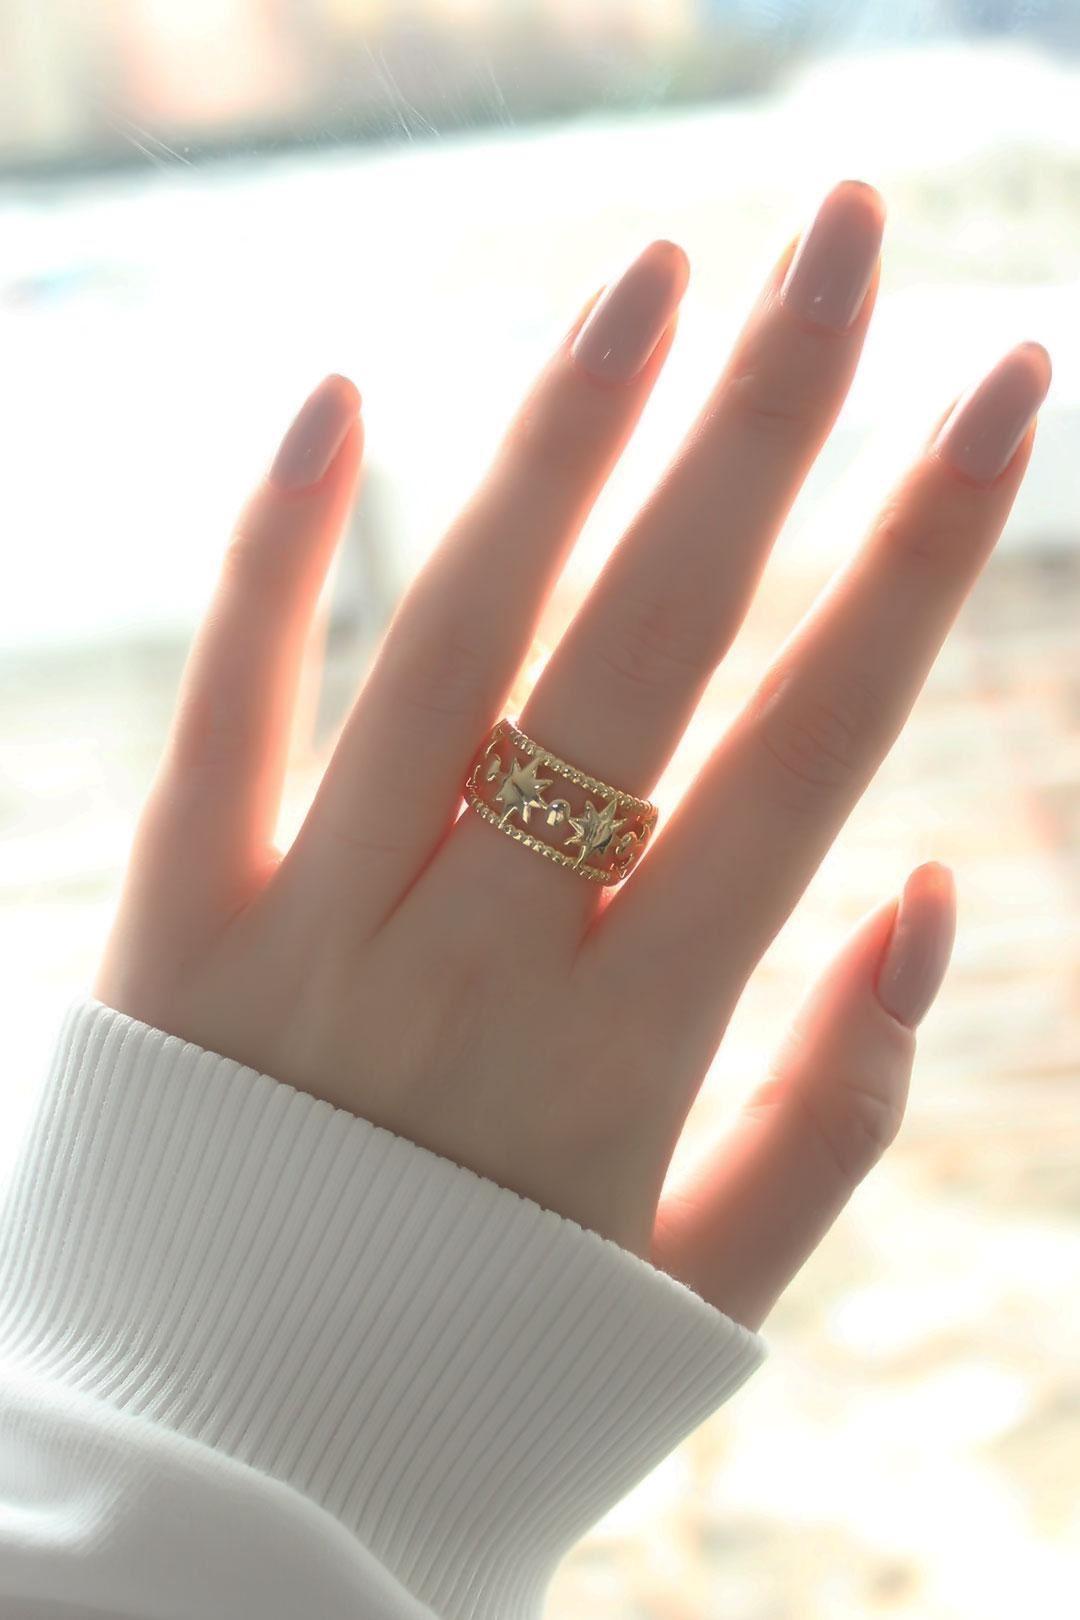 Zincir Yıldız Tasarım Gold Kaplama Ayarlanabilir Kadın Yüzük